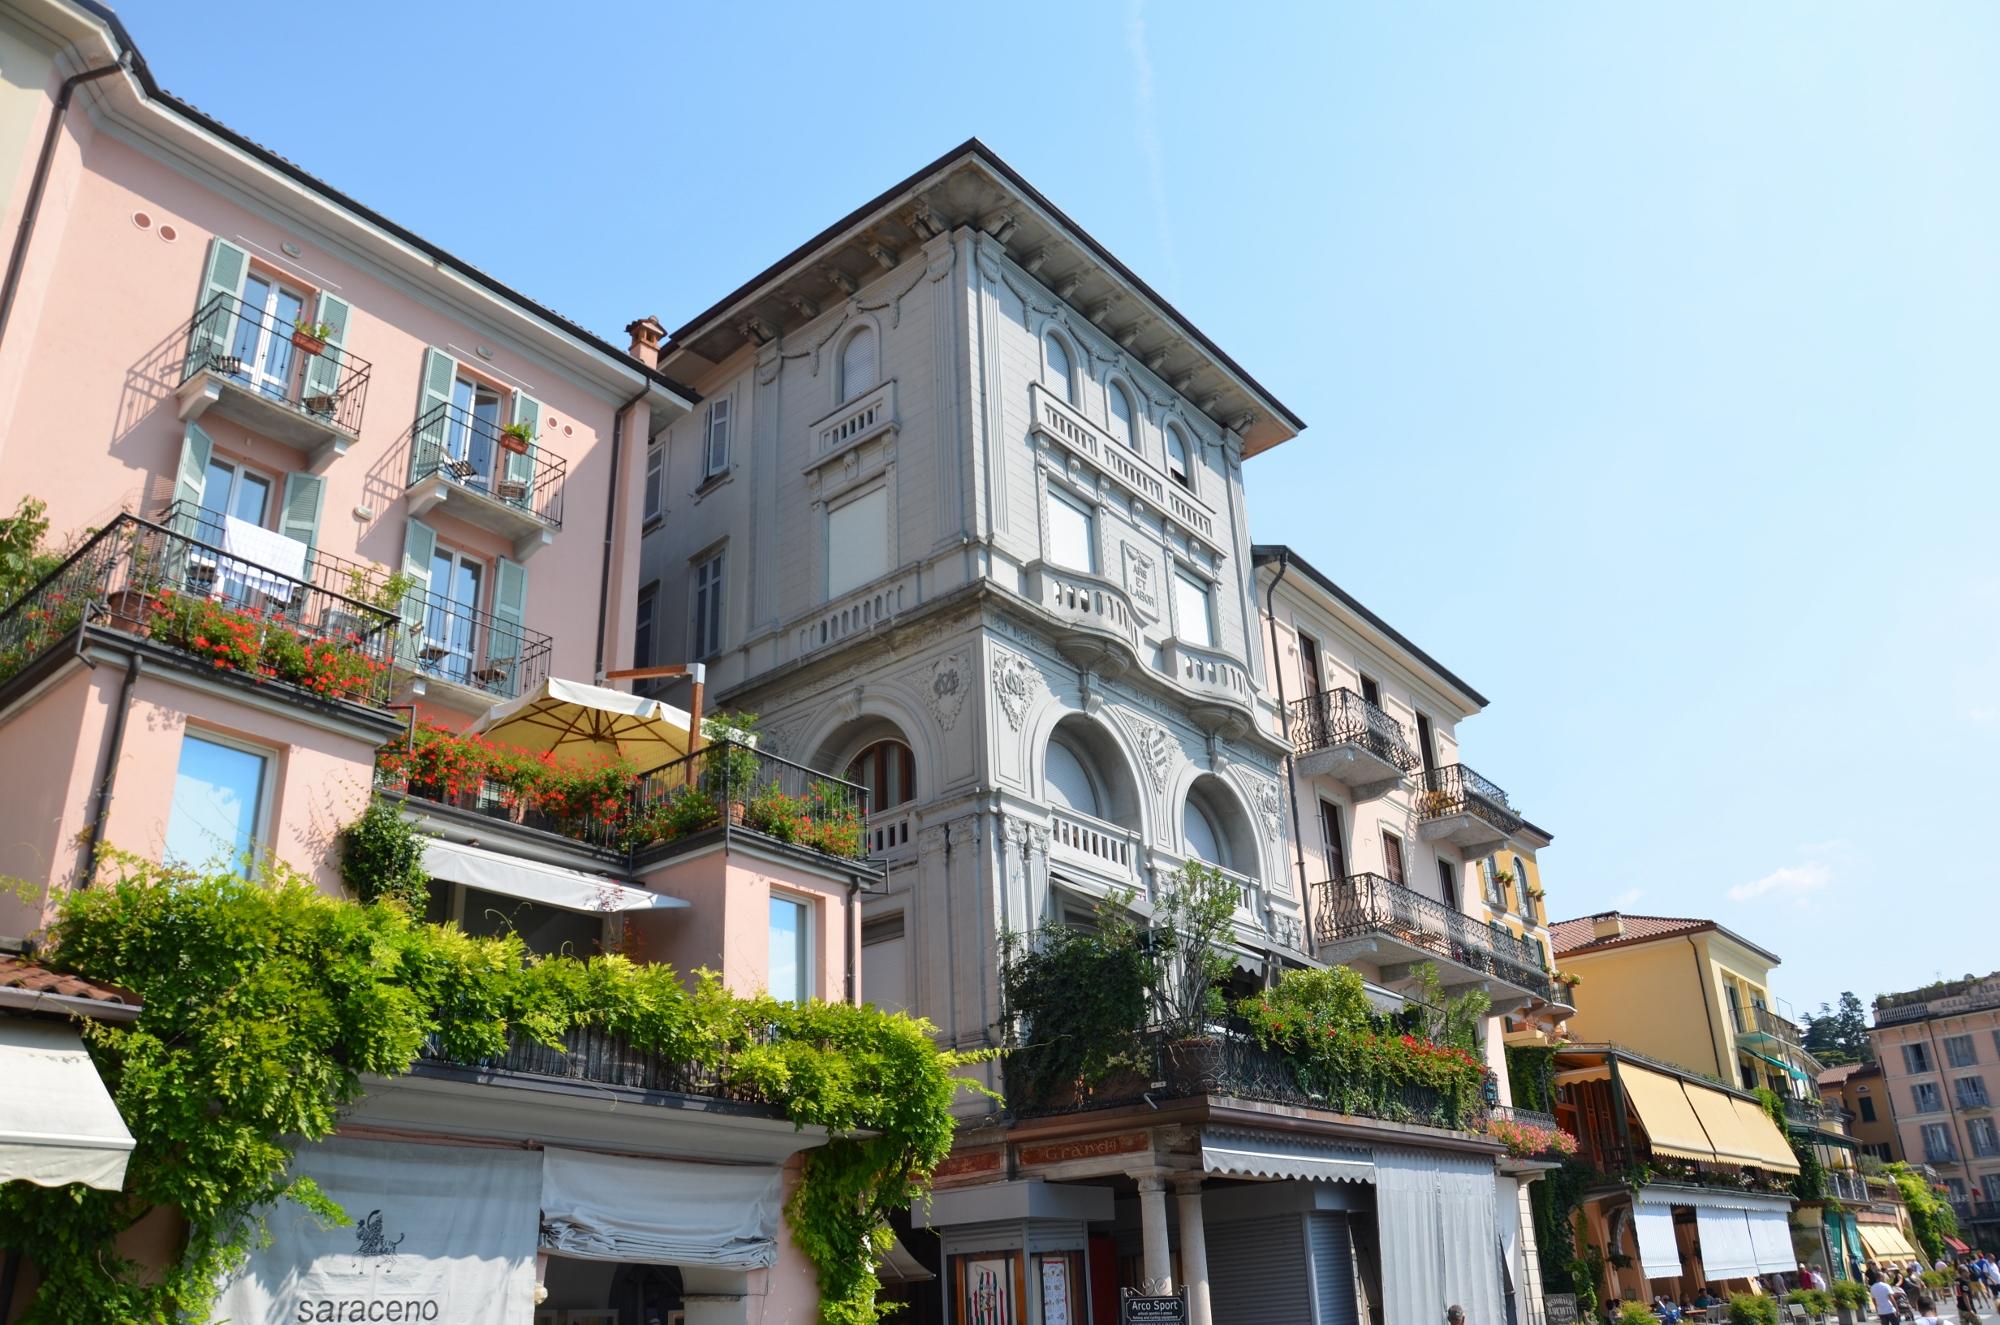 villas lacdecome Lombardie